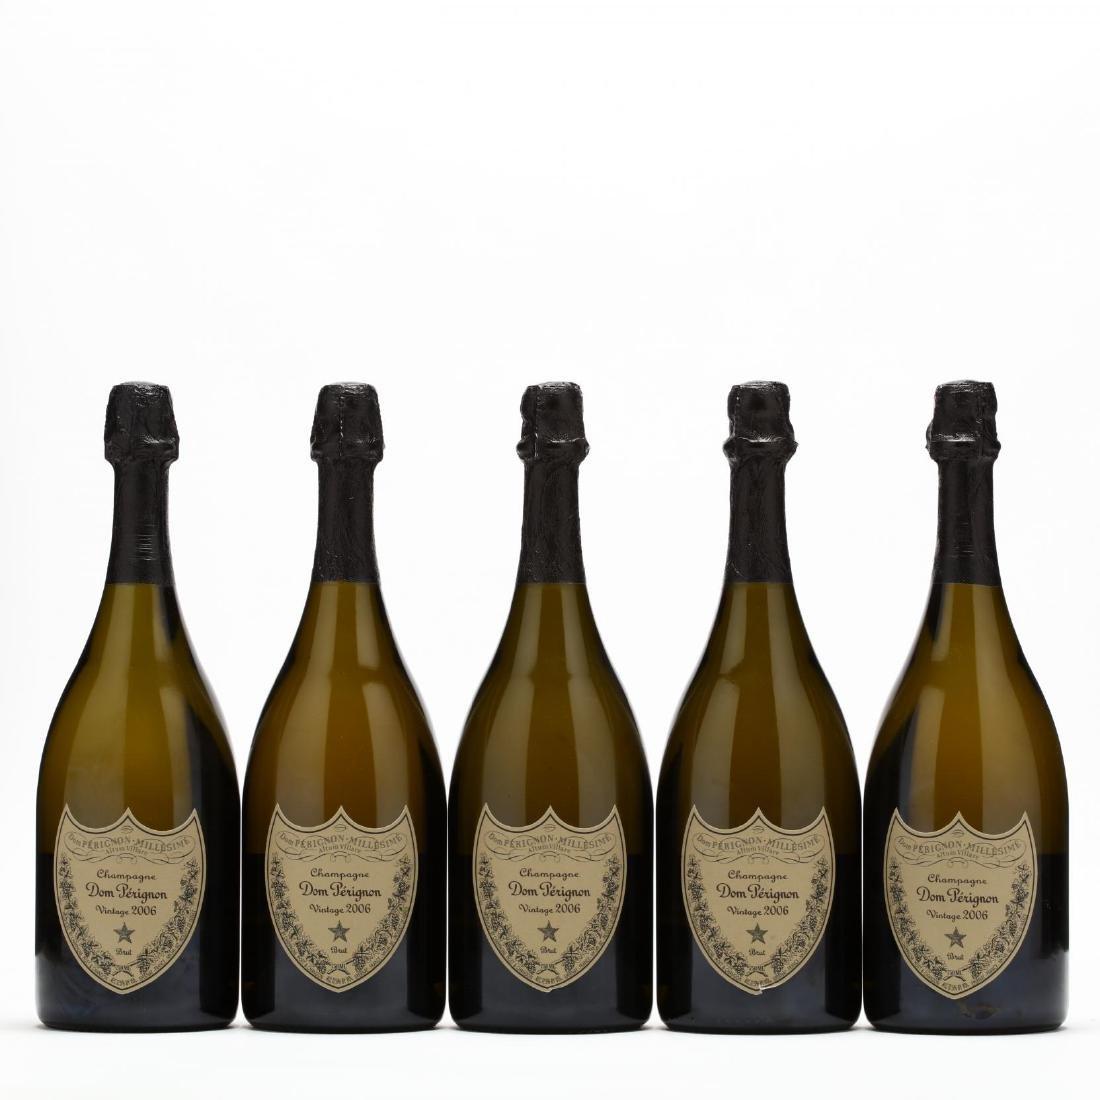 Moet et Chandon Champagne - Vintage 2006